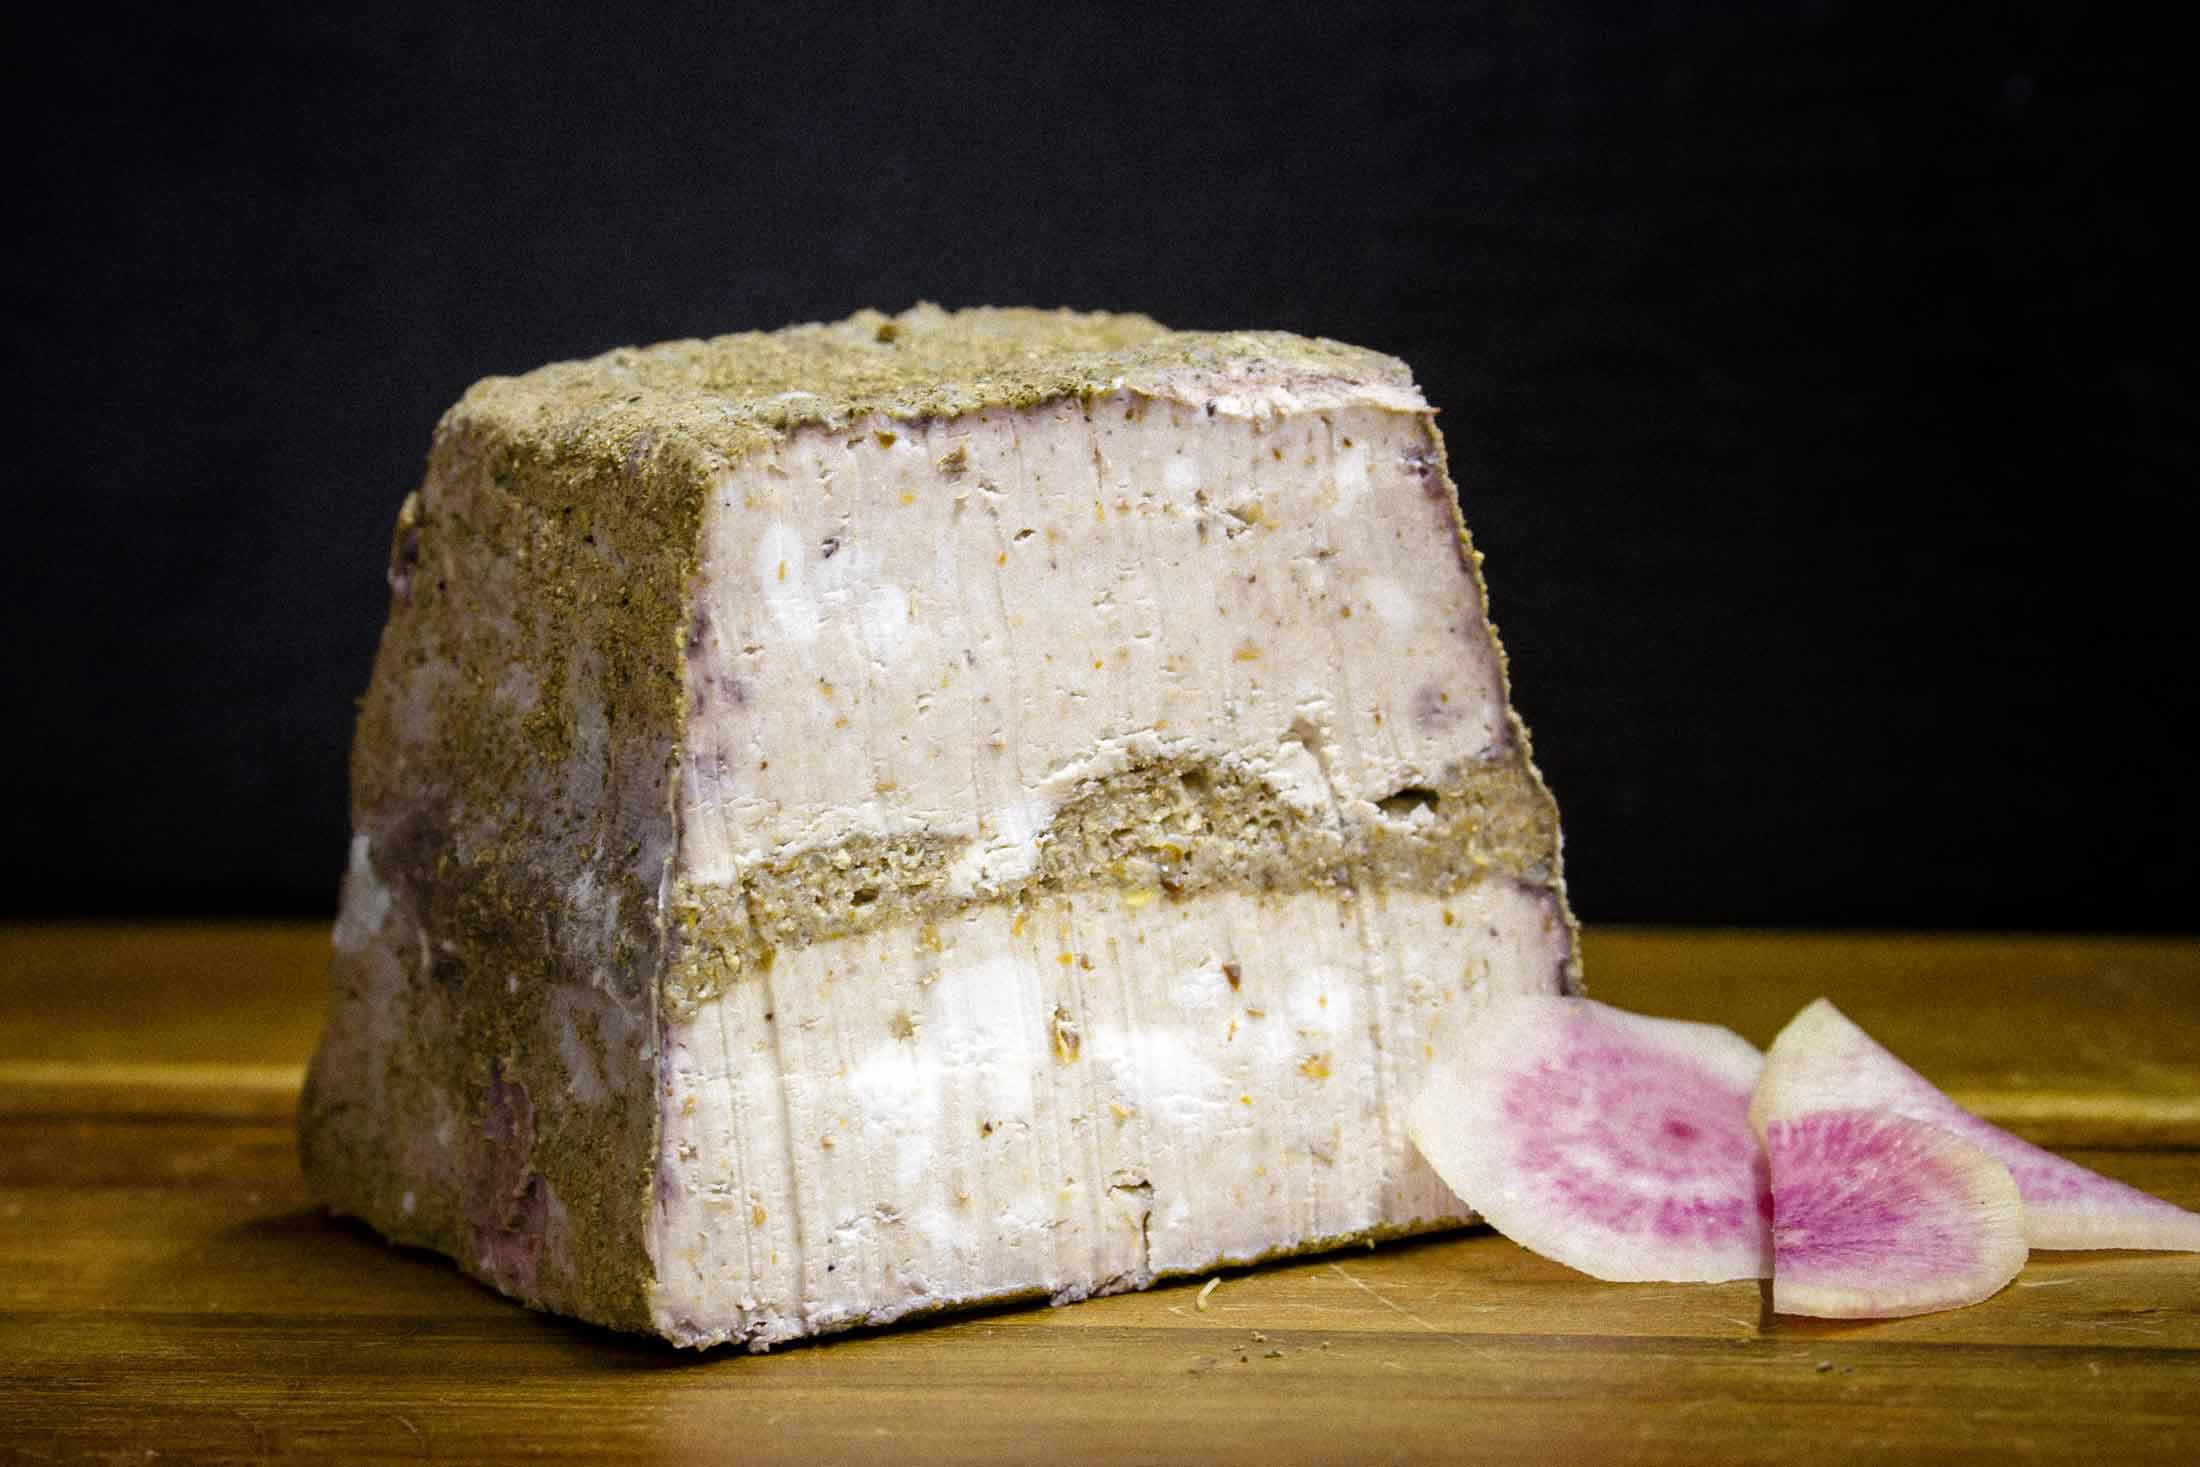 Layer cheese block with slices of watermelon radish — Yagnyuk.